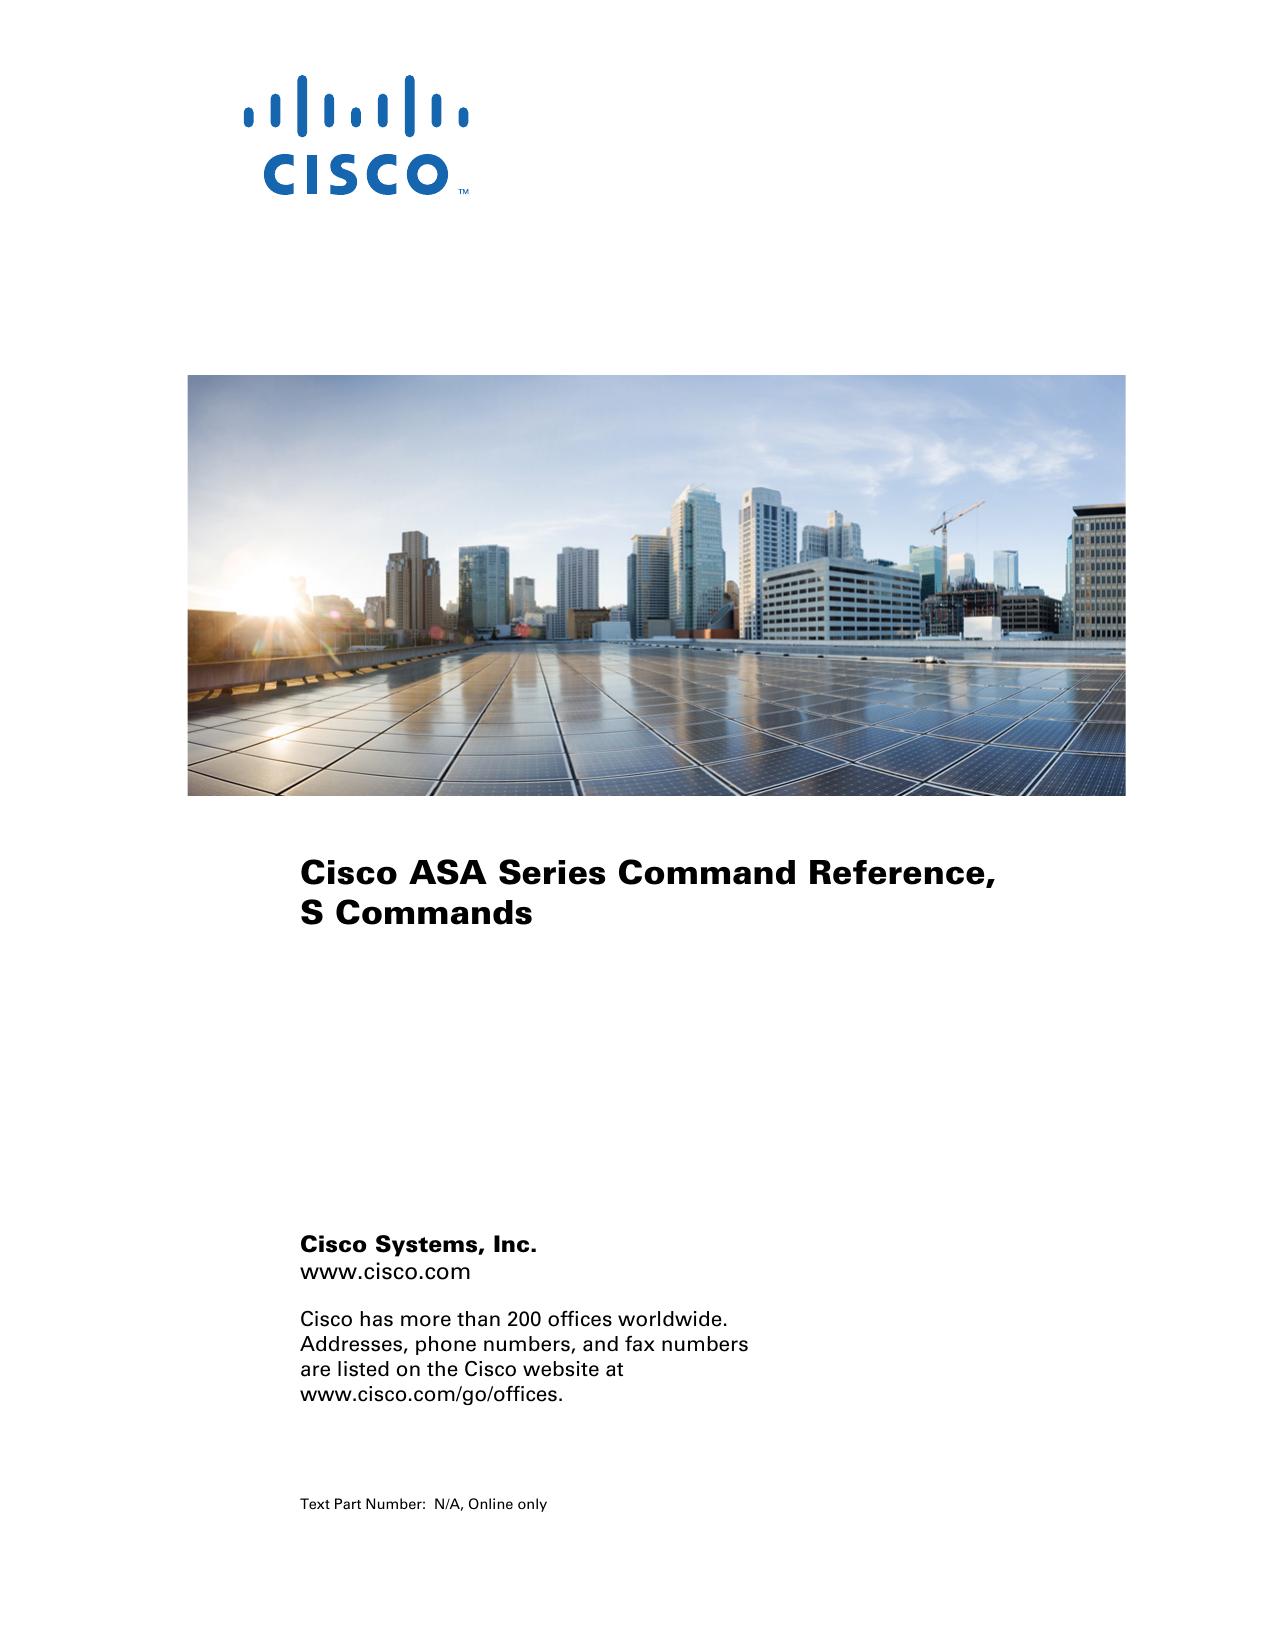 Cisco ASA Series Command Reference, S Commands | manualzz com